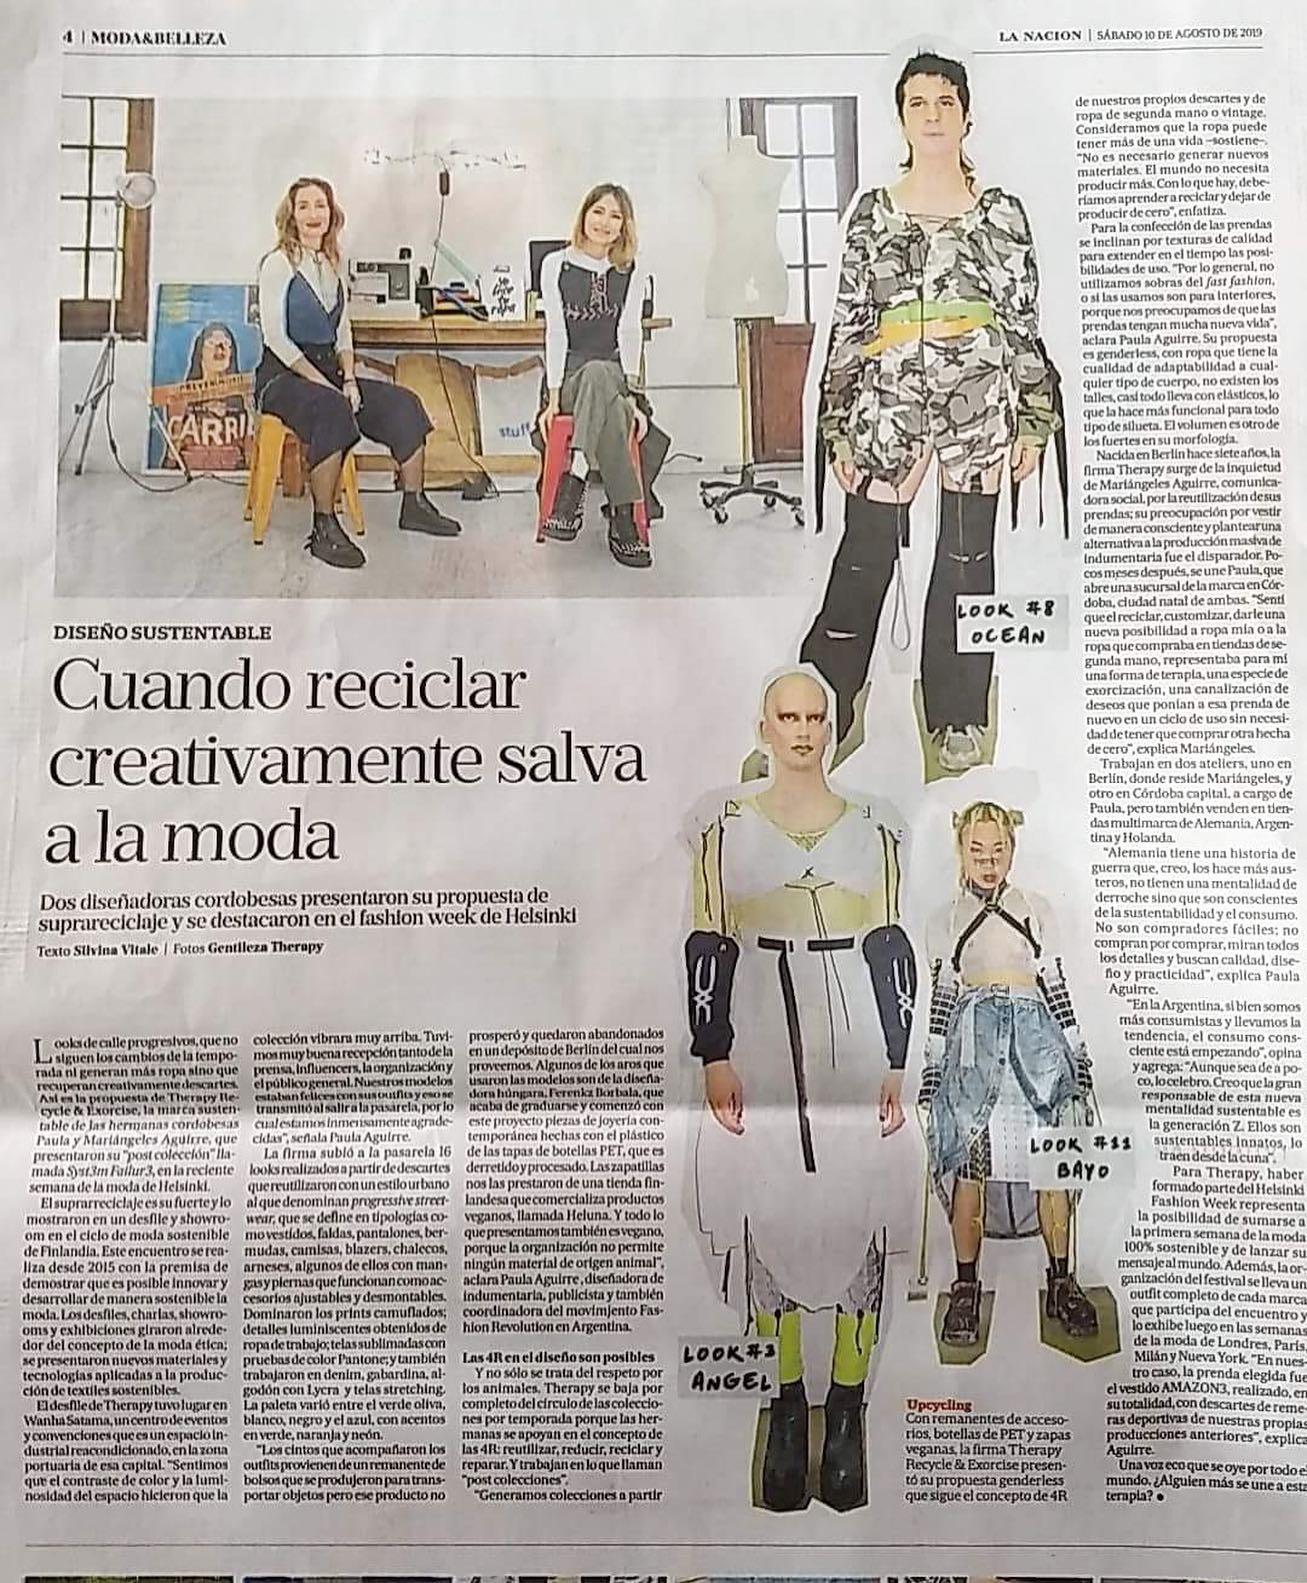 Helsinki fashion week